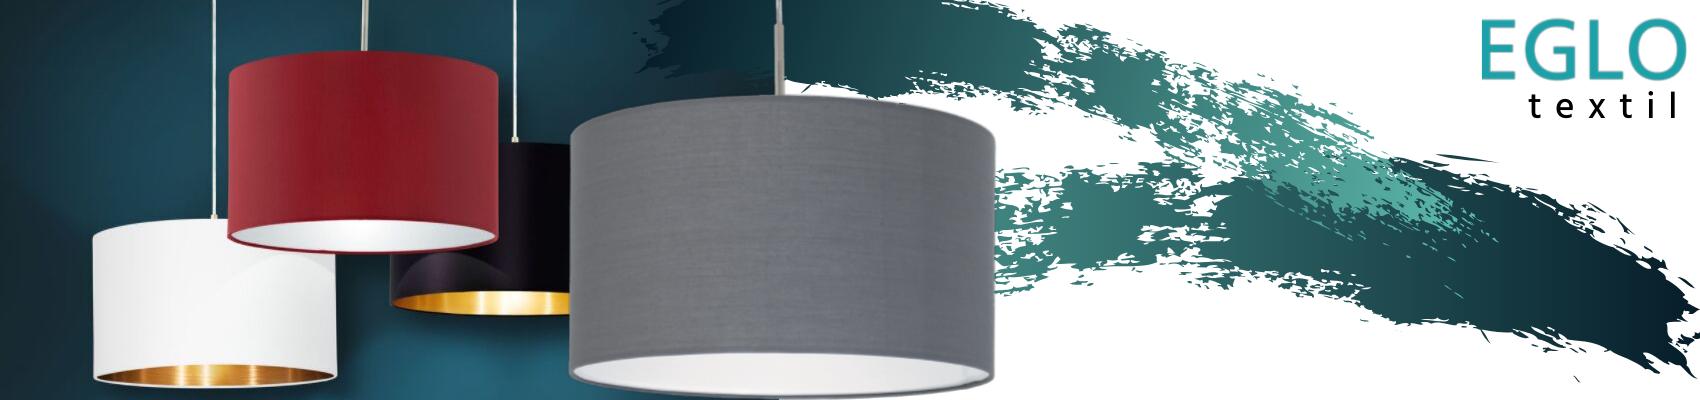 Eglo textil lámpák